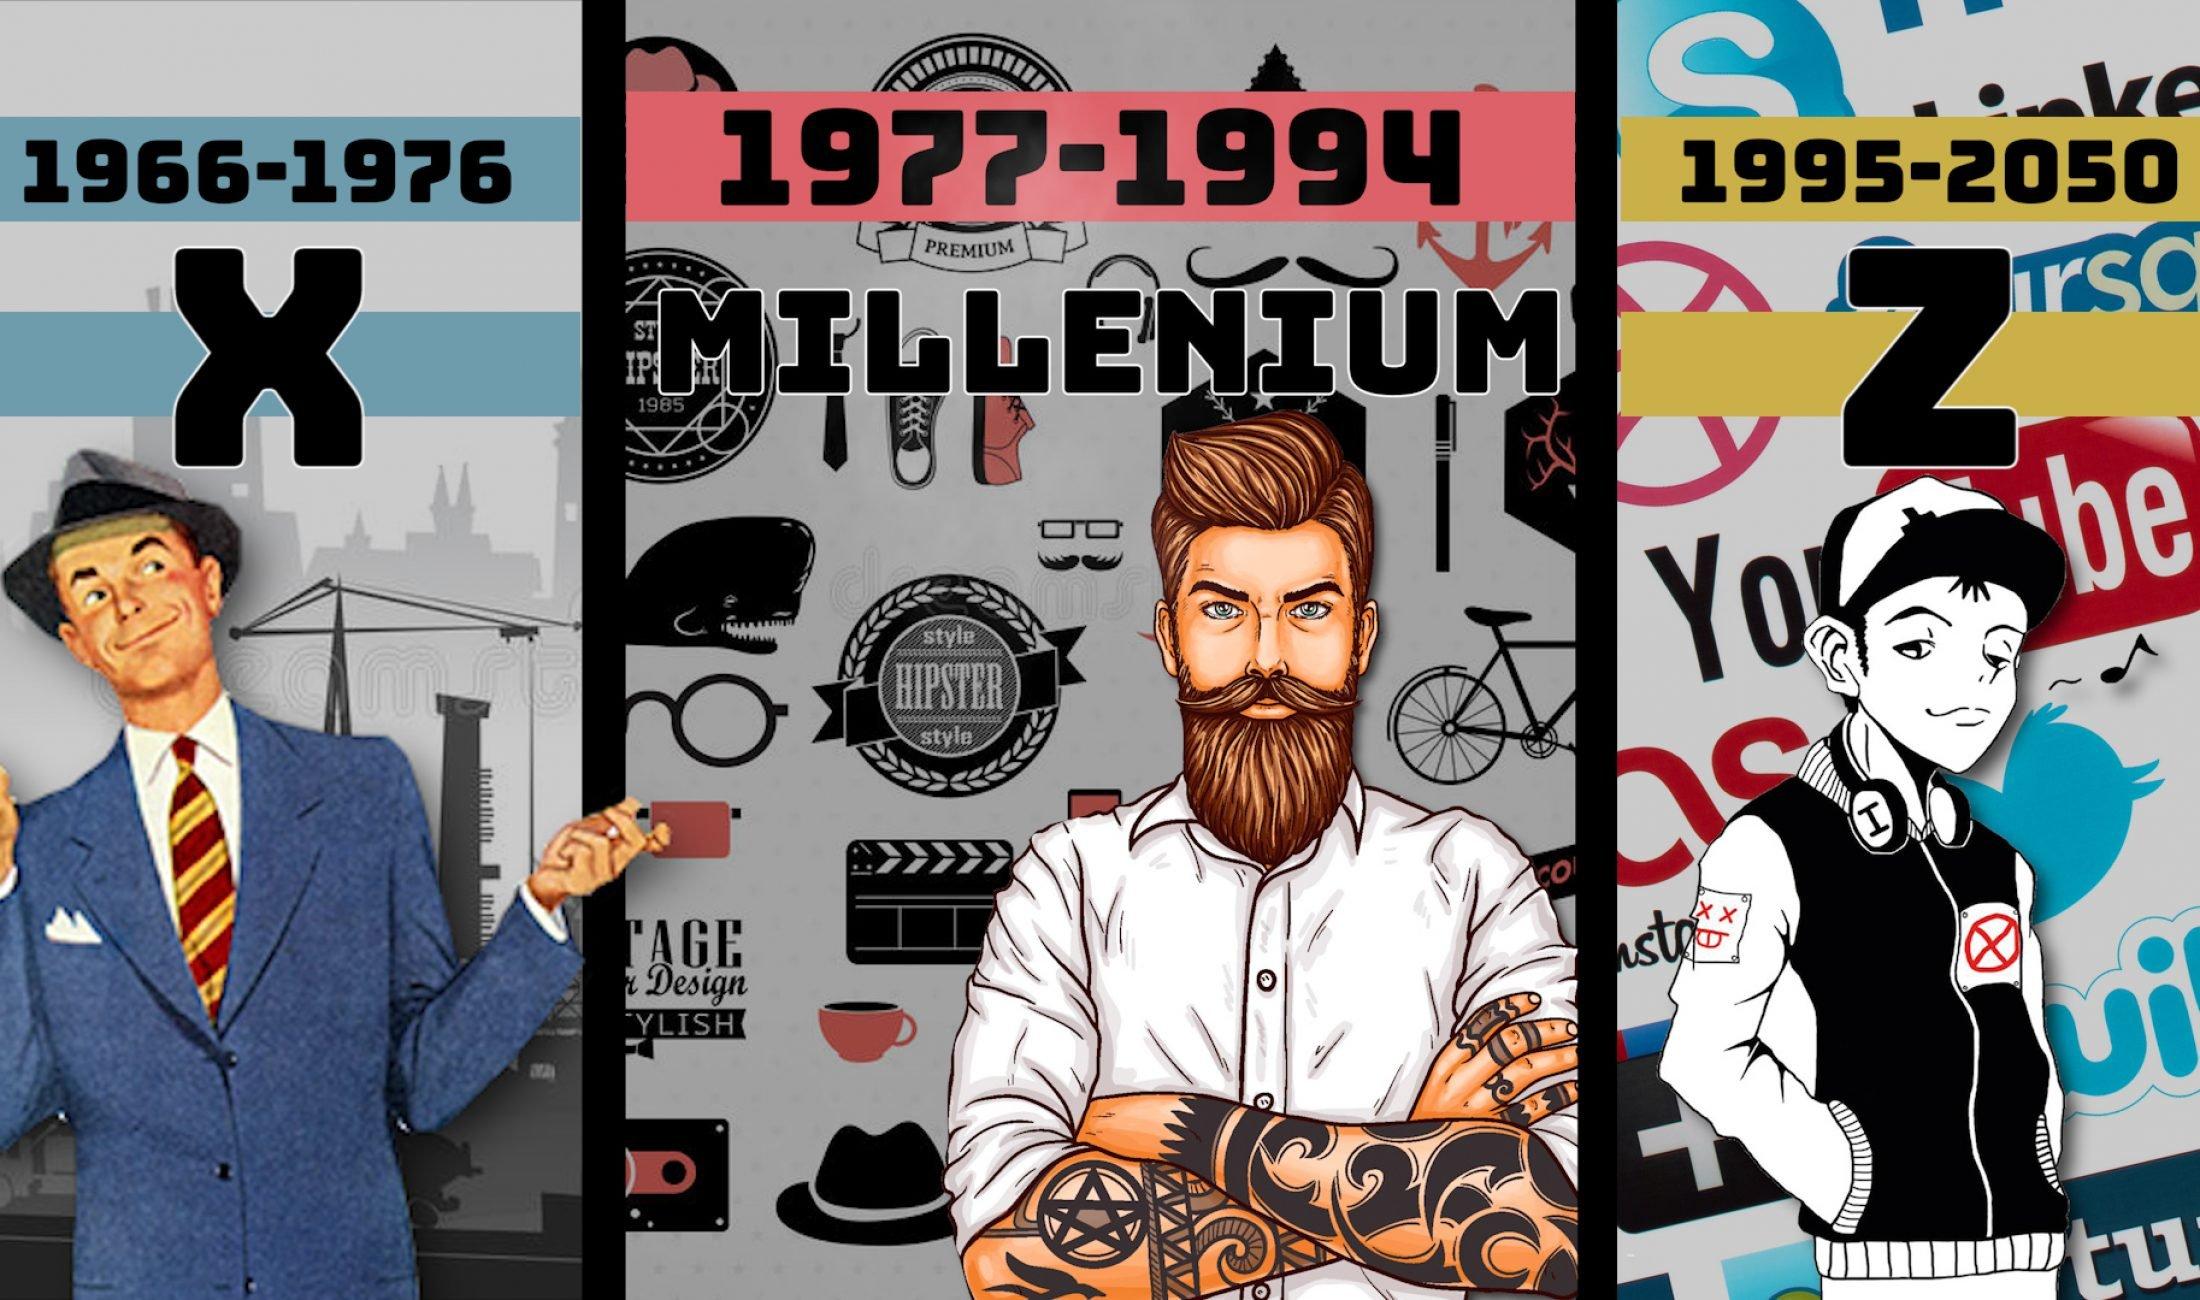 Caturtais raidejums par latgalīšu Millenium paaudzi diasporā